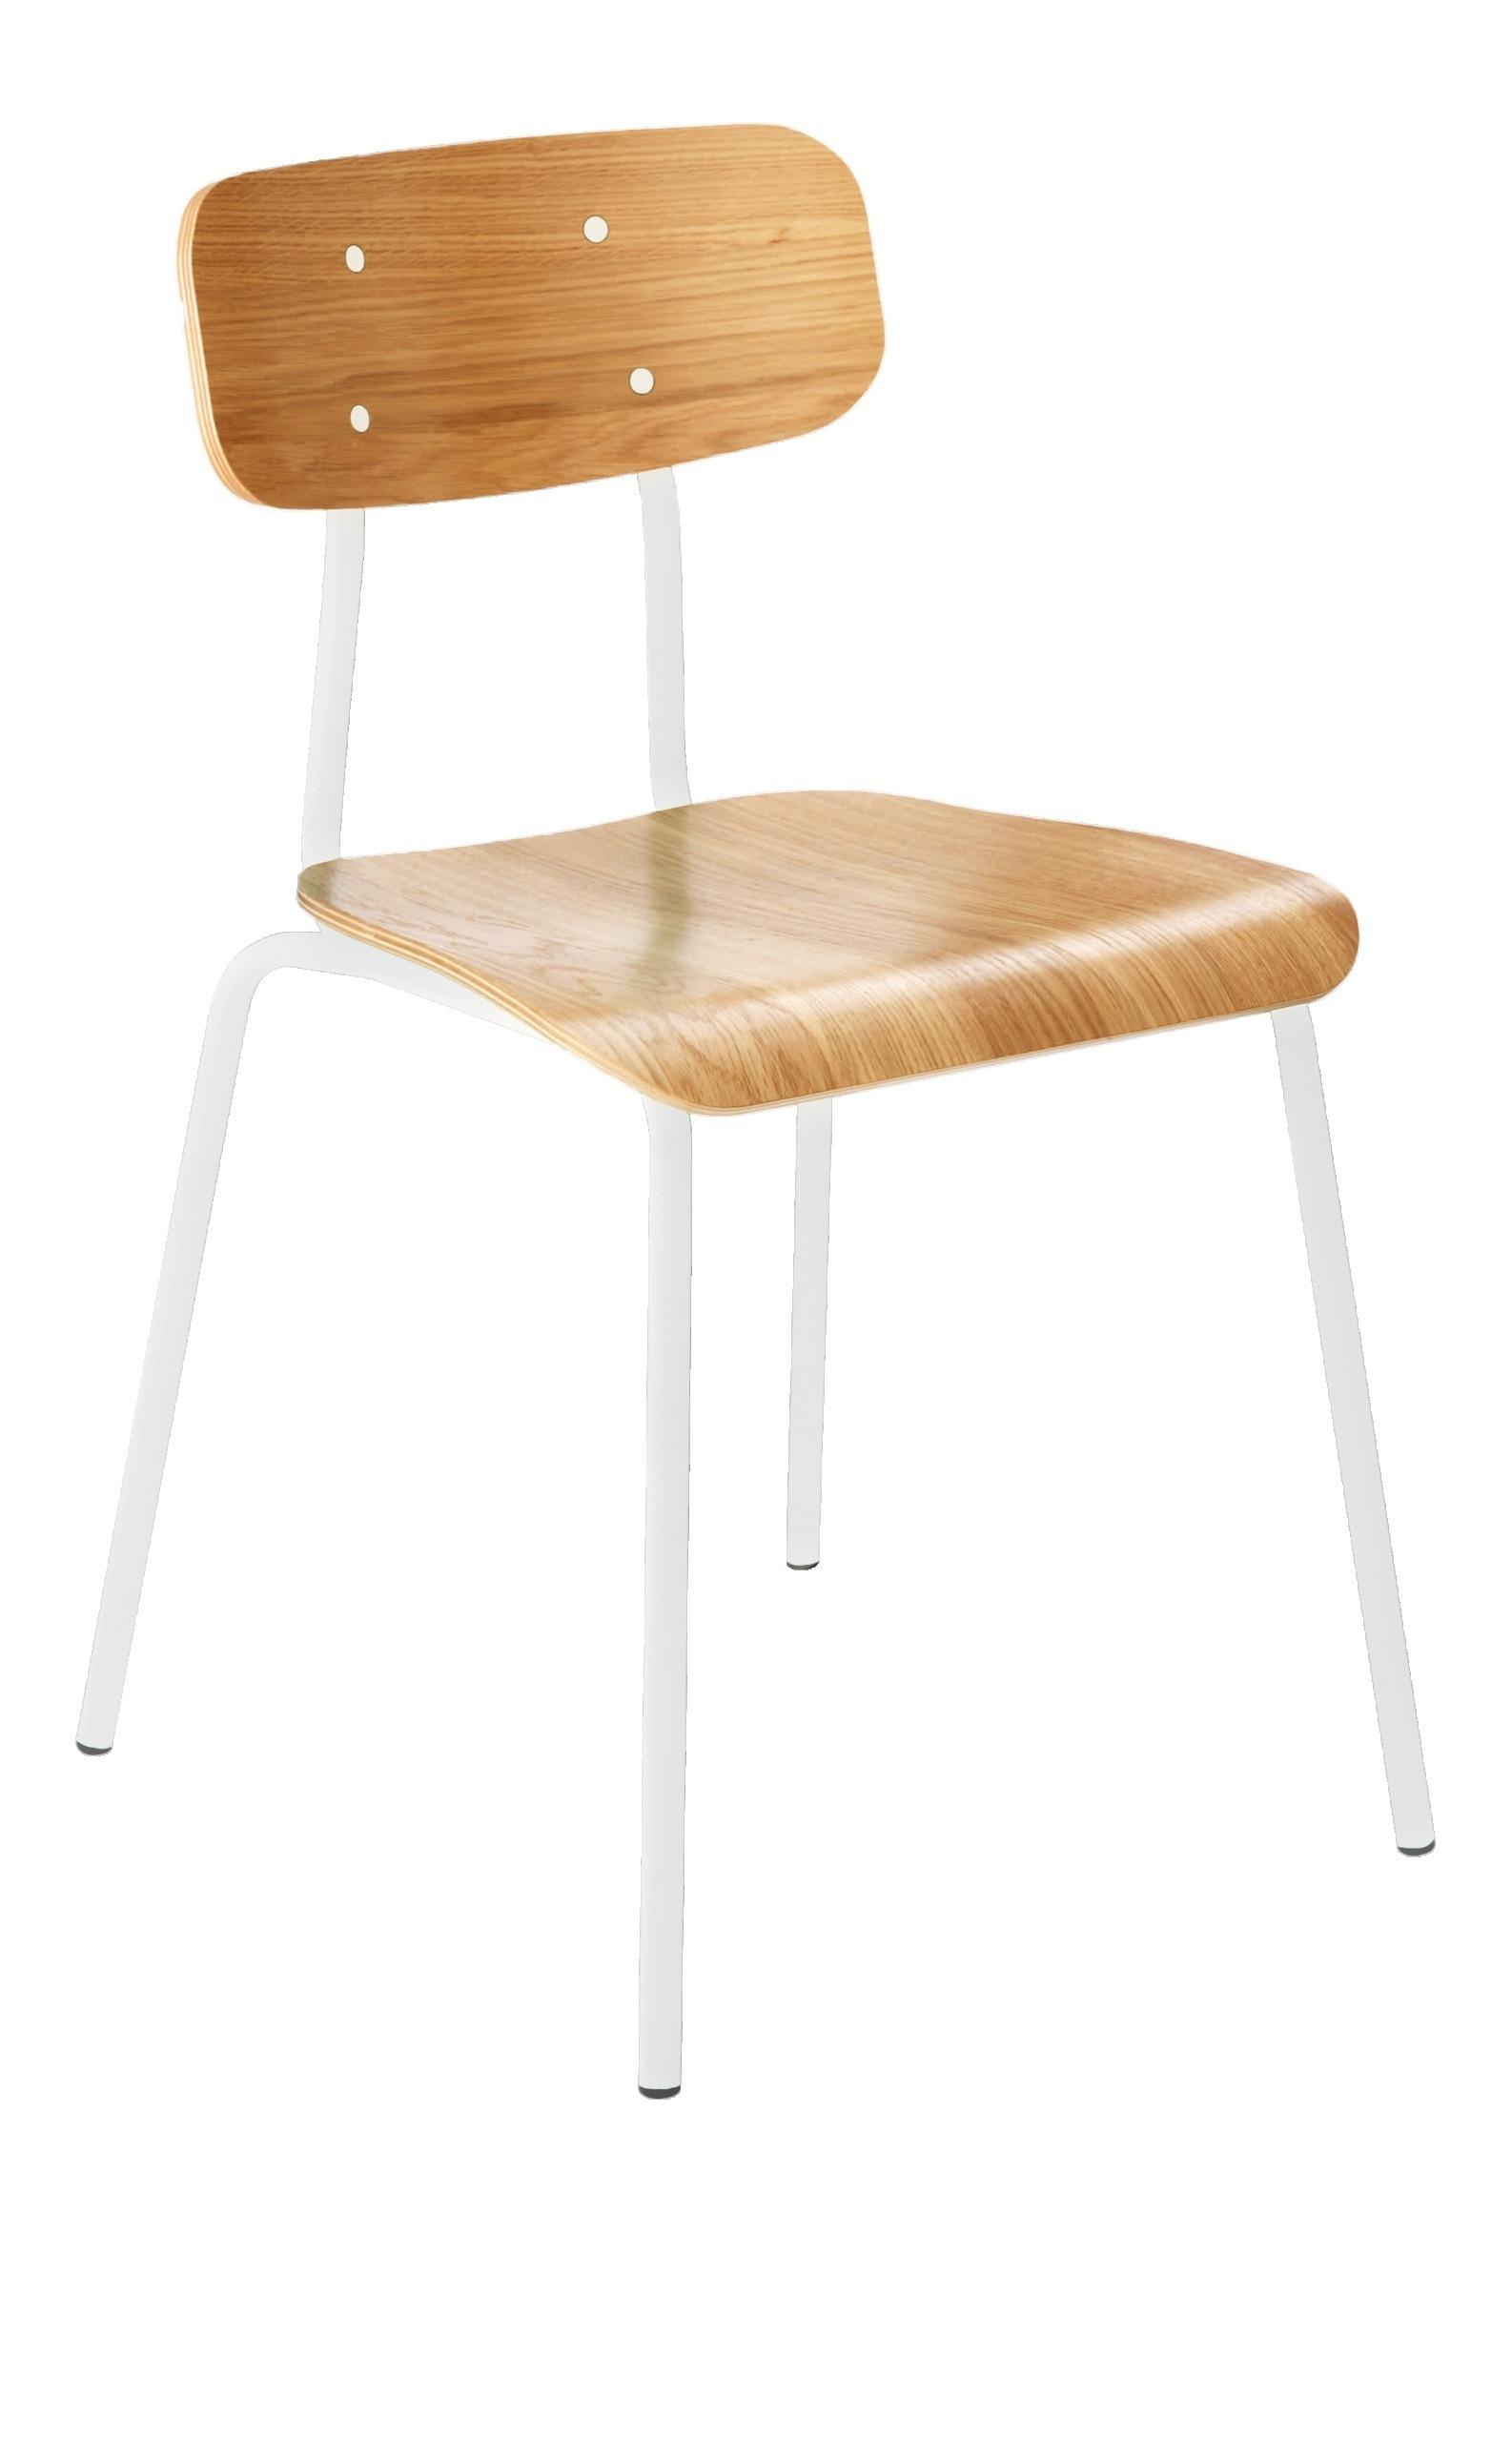 Table De Camping Carrefour Meilleur De Galerie Chaise Pliable Frais Chaises De Camping Chaise Pliante Carrefour